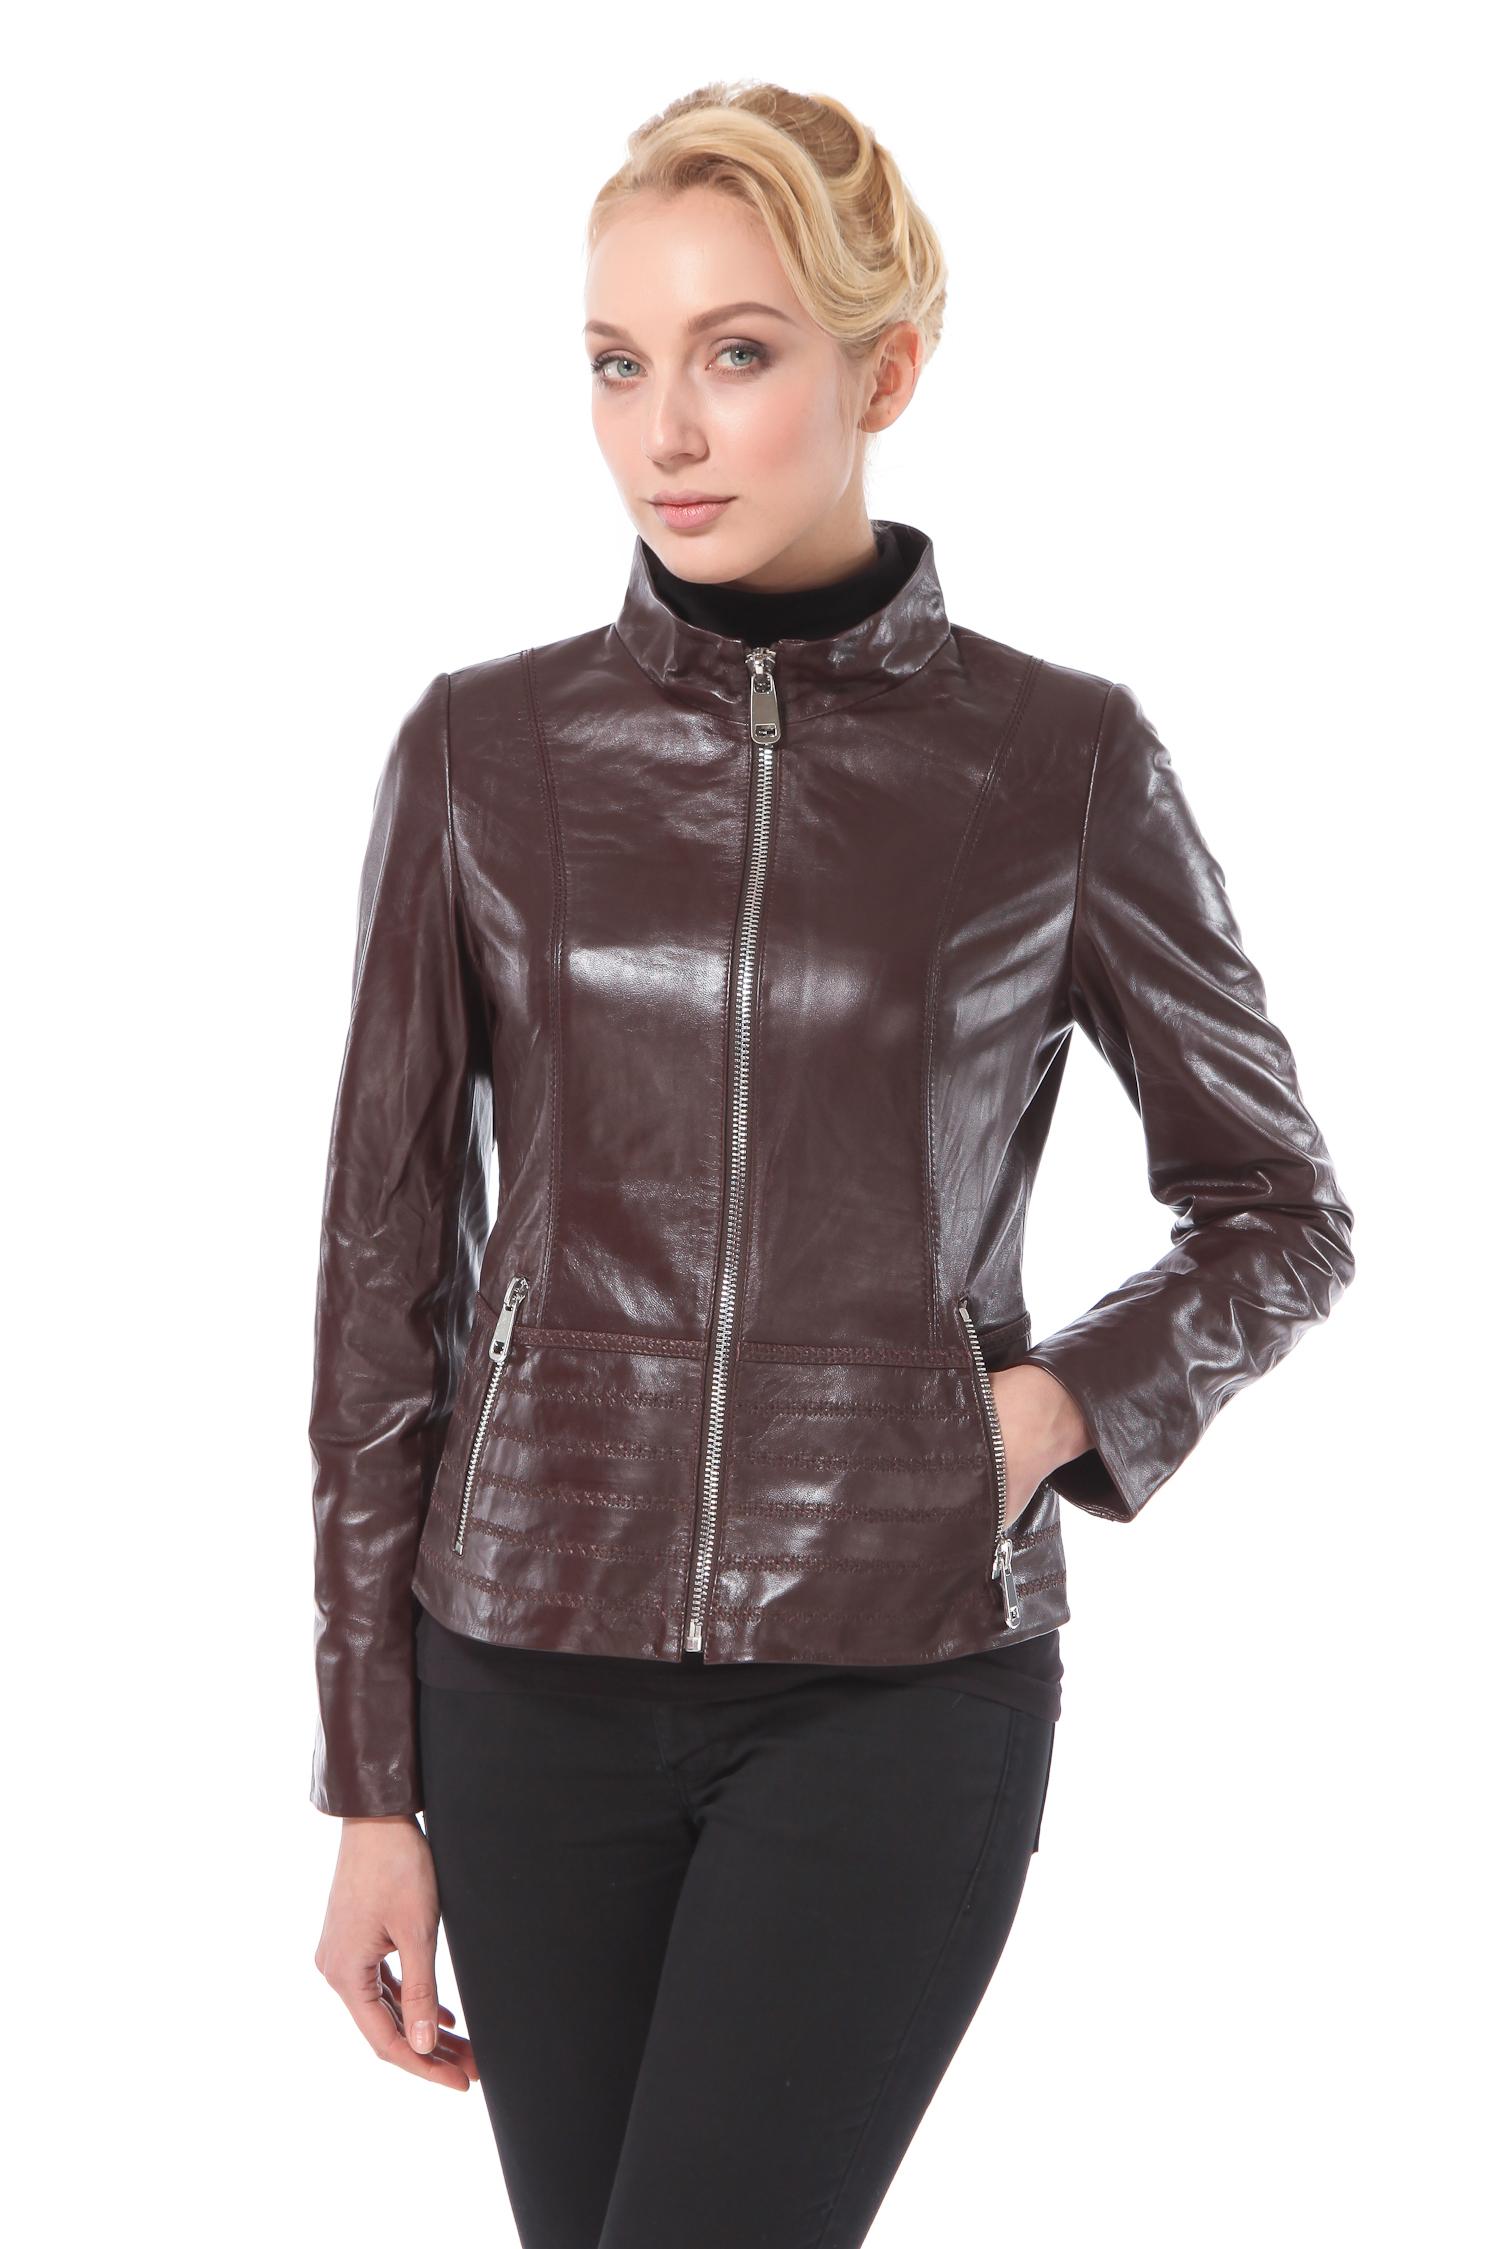 Женская кожаная куртка из натуральной кожи с воротником, без отделки<br><br>Воротник: стойка<br>Длина см: Короткая (51-74 )<br>Материал: Кожа овчина<br>Цвет: коричневый<br>Пол: Женский<br>Размер RU: 44